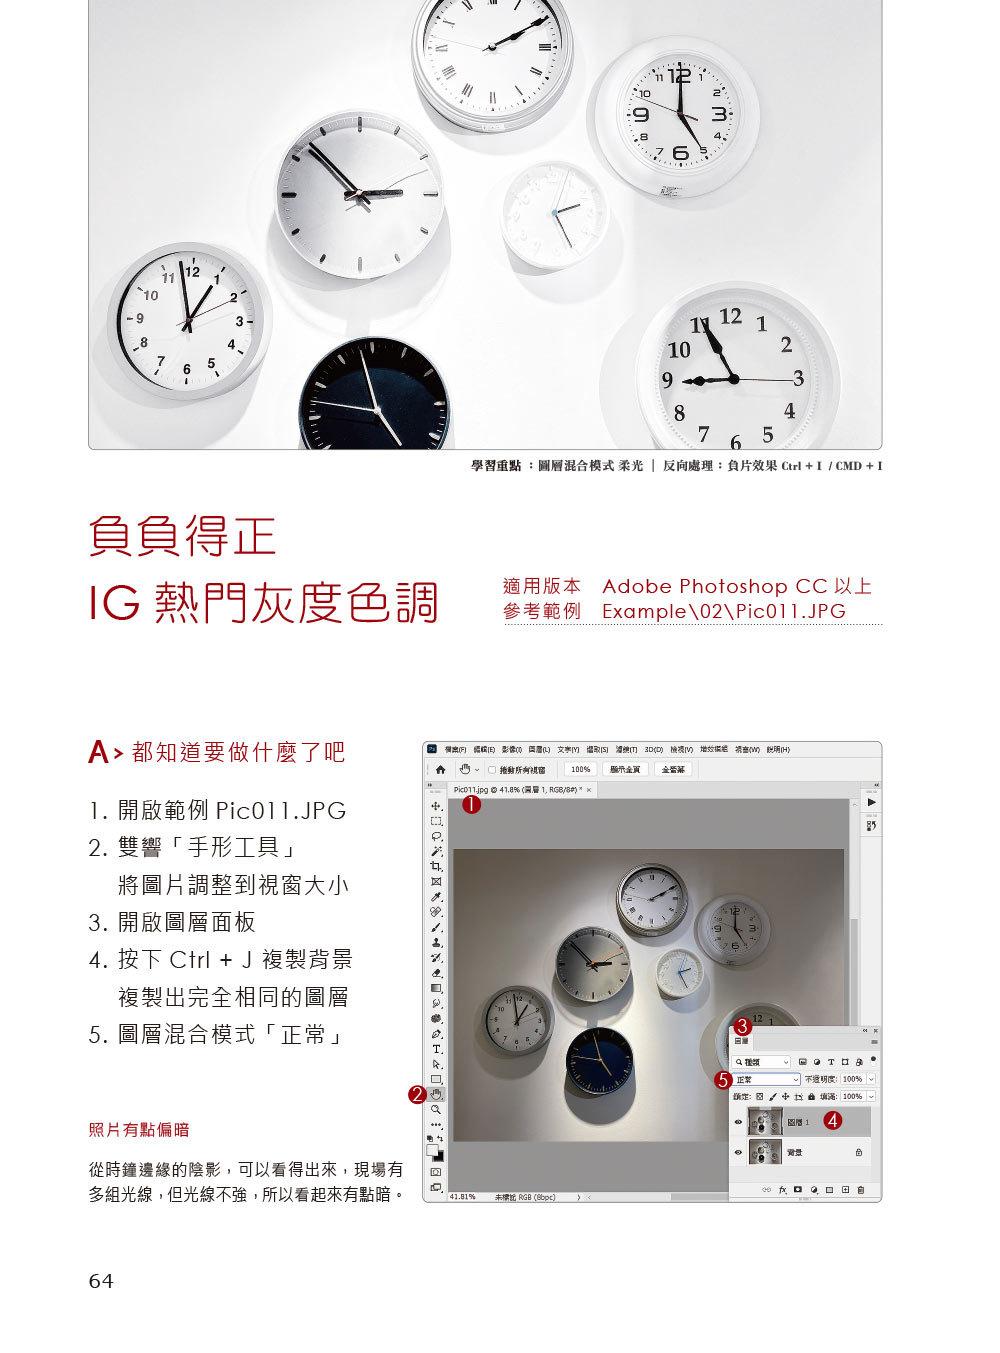 我想學設計!人氣精選 Photoshop 影像編修技:工具x調色x文字x合成x廣告設計(千萬網友點擊推薦狂推必學)-preview-3